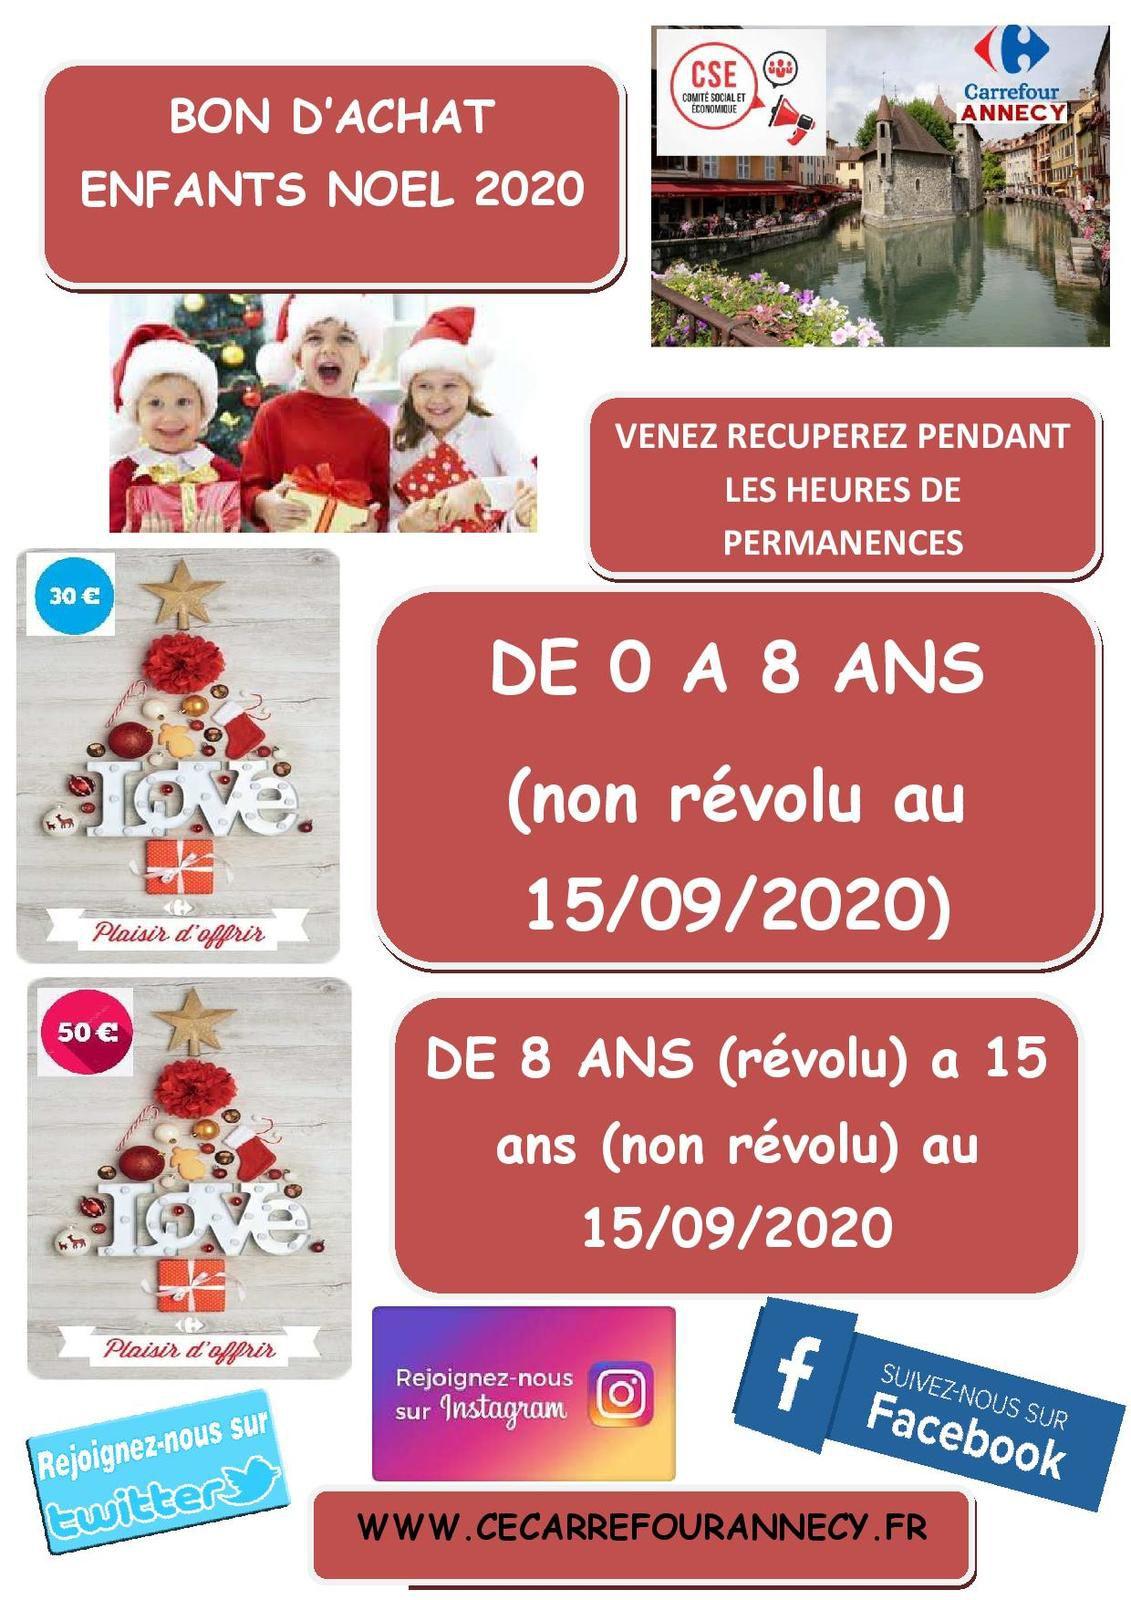 BON D'ACHAT ENFANTS NOEL 2020 (DISPONIBLE PENDANT LES HEURES DE PERMANENCES)